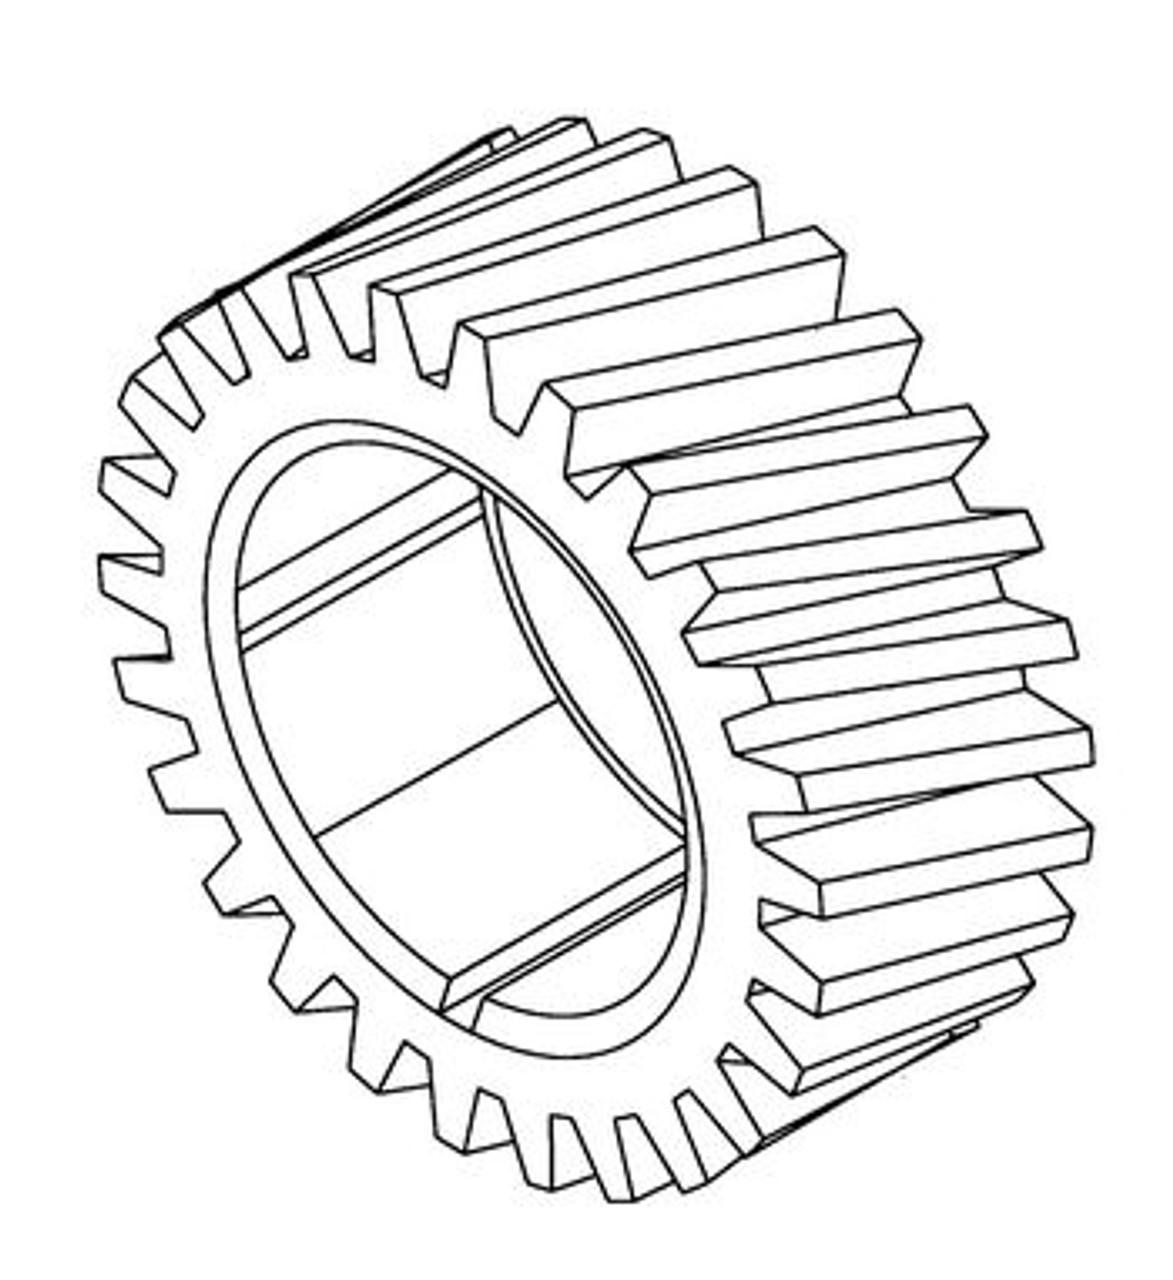 TorRey R-300 - Gear - 05-74235